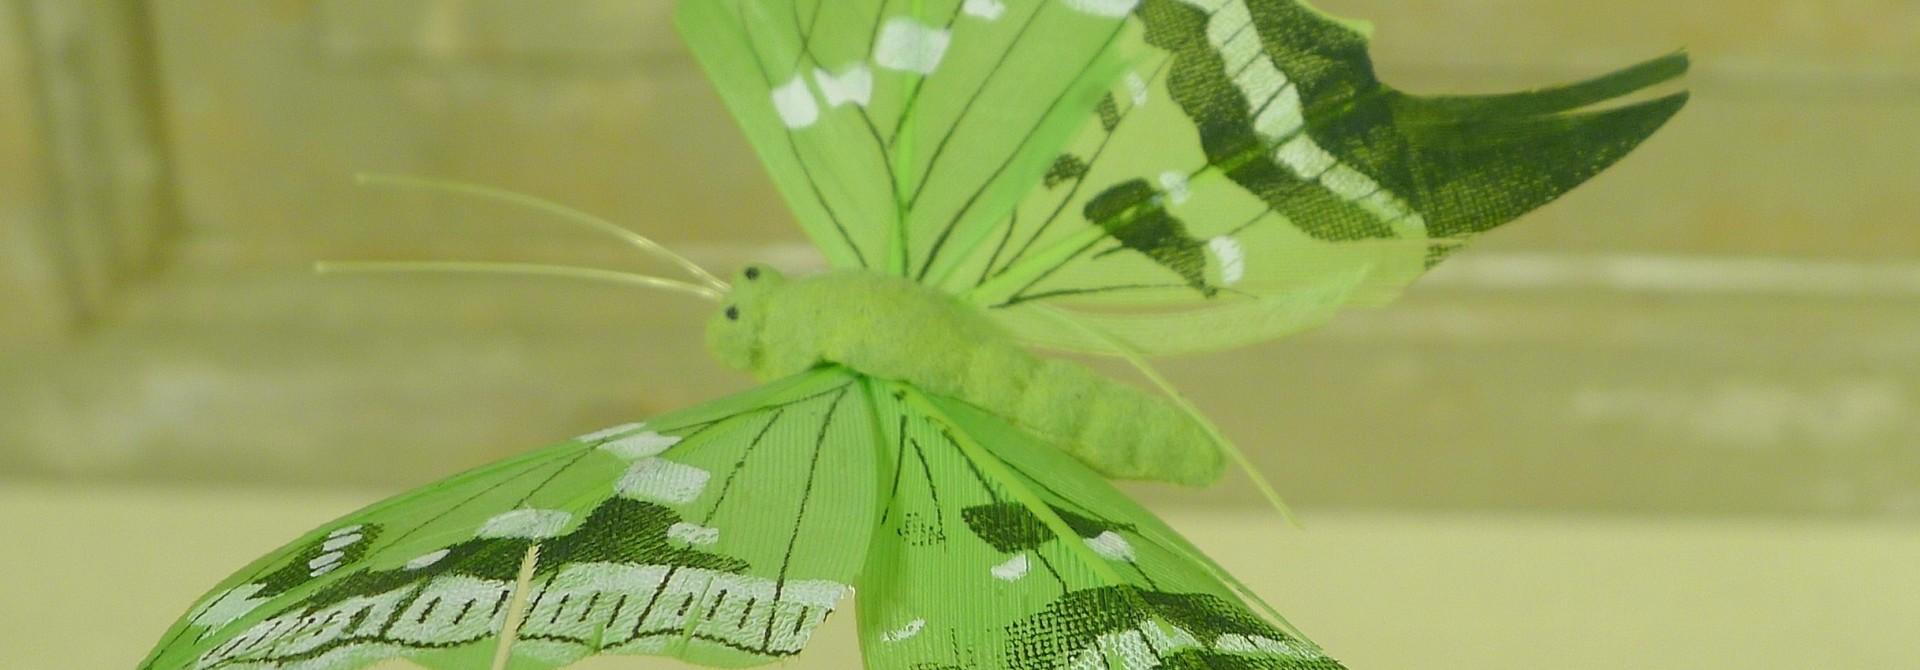 flor dec fabric butterfly 7.5 green